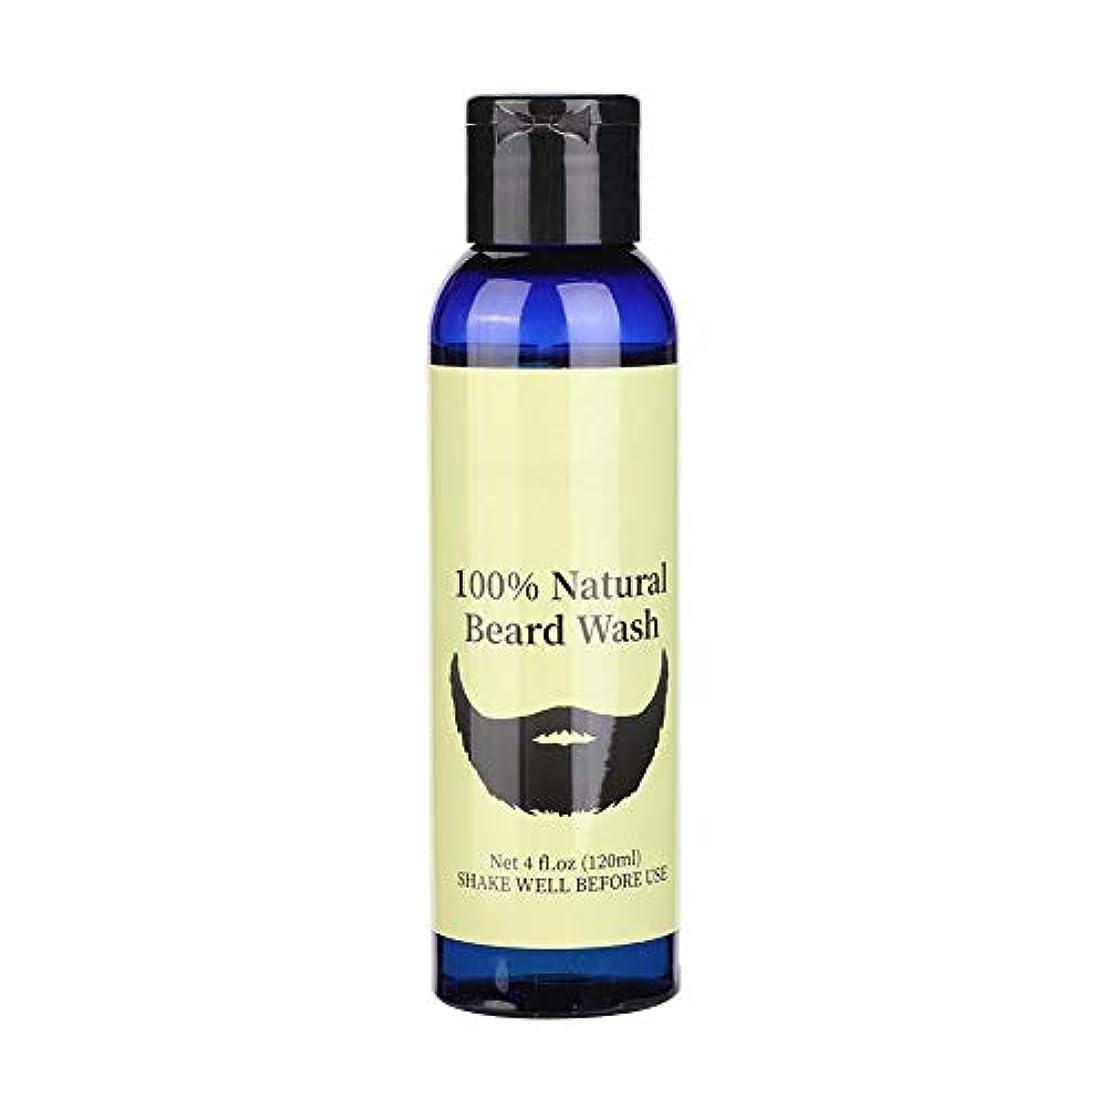 マウンド風変わりな新しさひげのシャンプー、保湿の滑らかになること容易あらゆるひげのタイプのためのひげの清潔になるシャンプーを管理しなさい